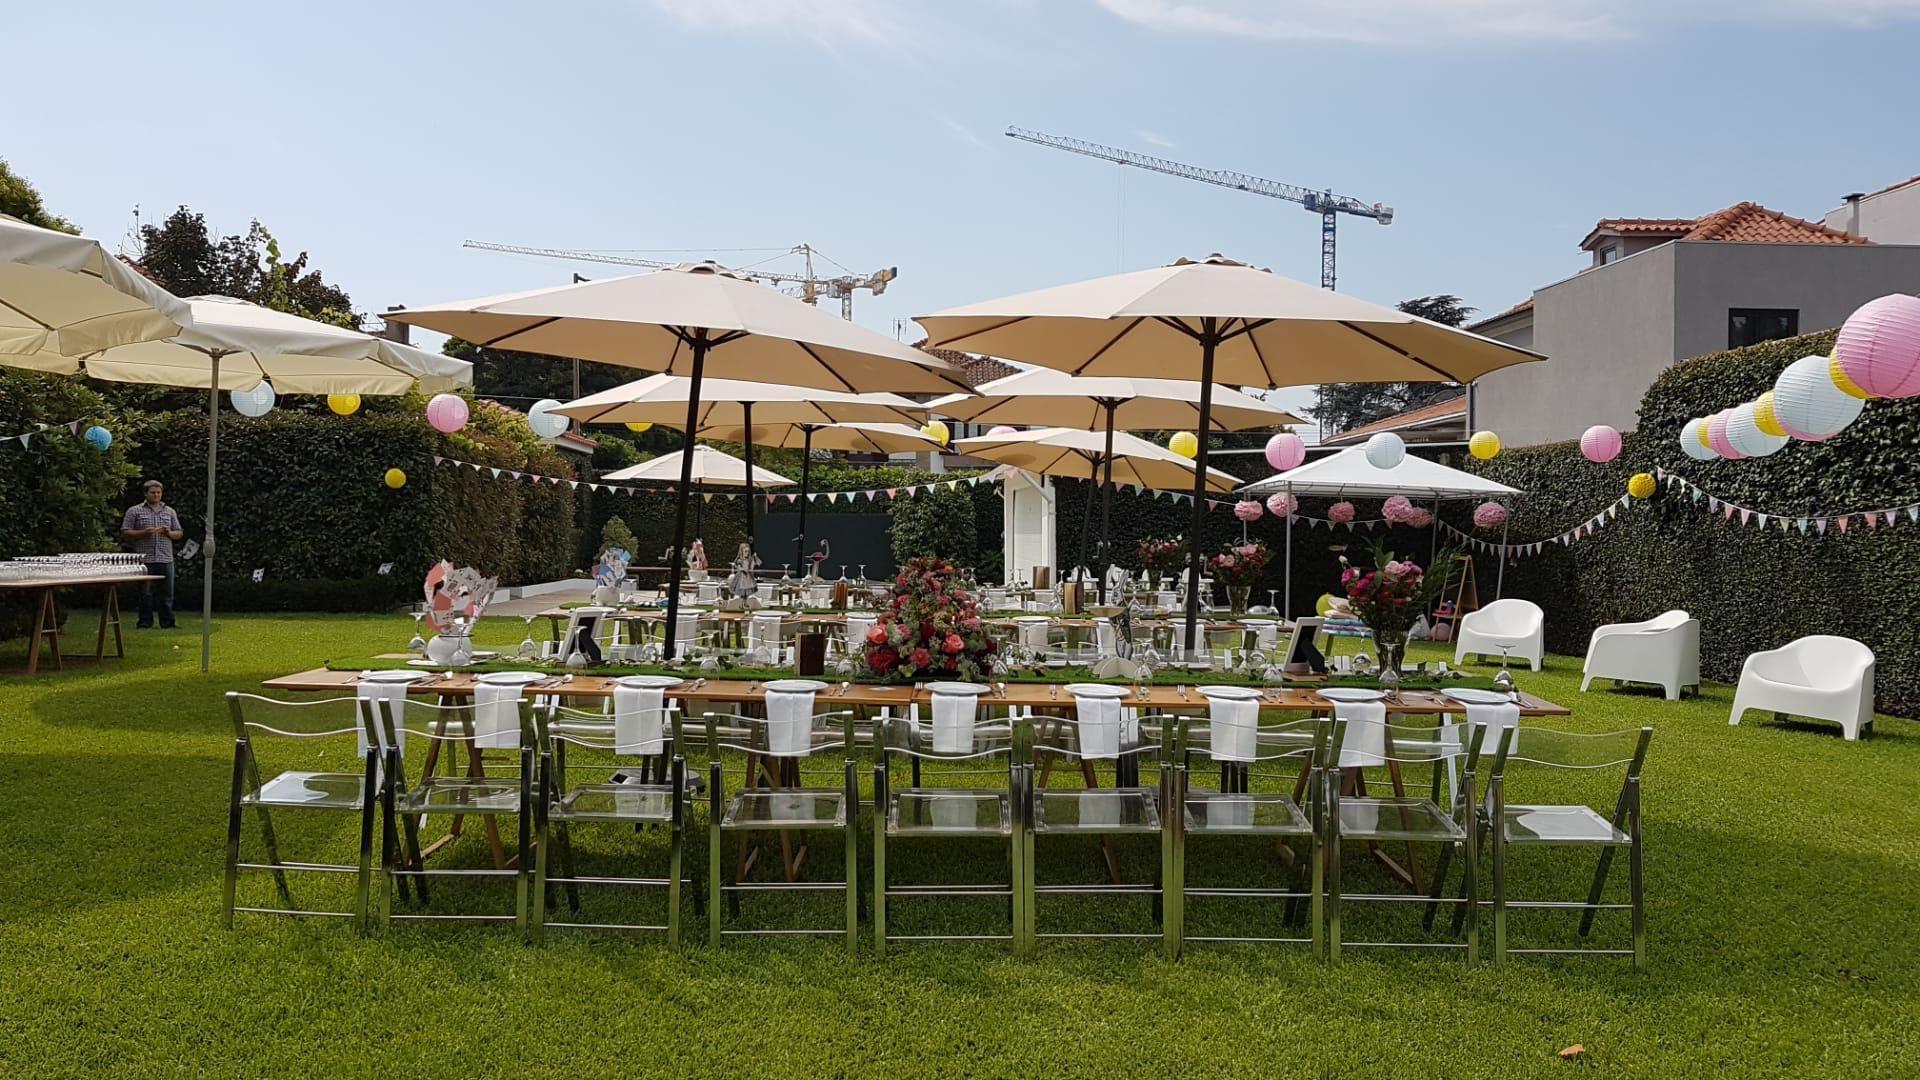 mesa de jardim com cadeiras e guarda-sol